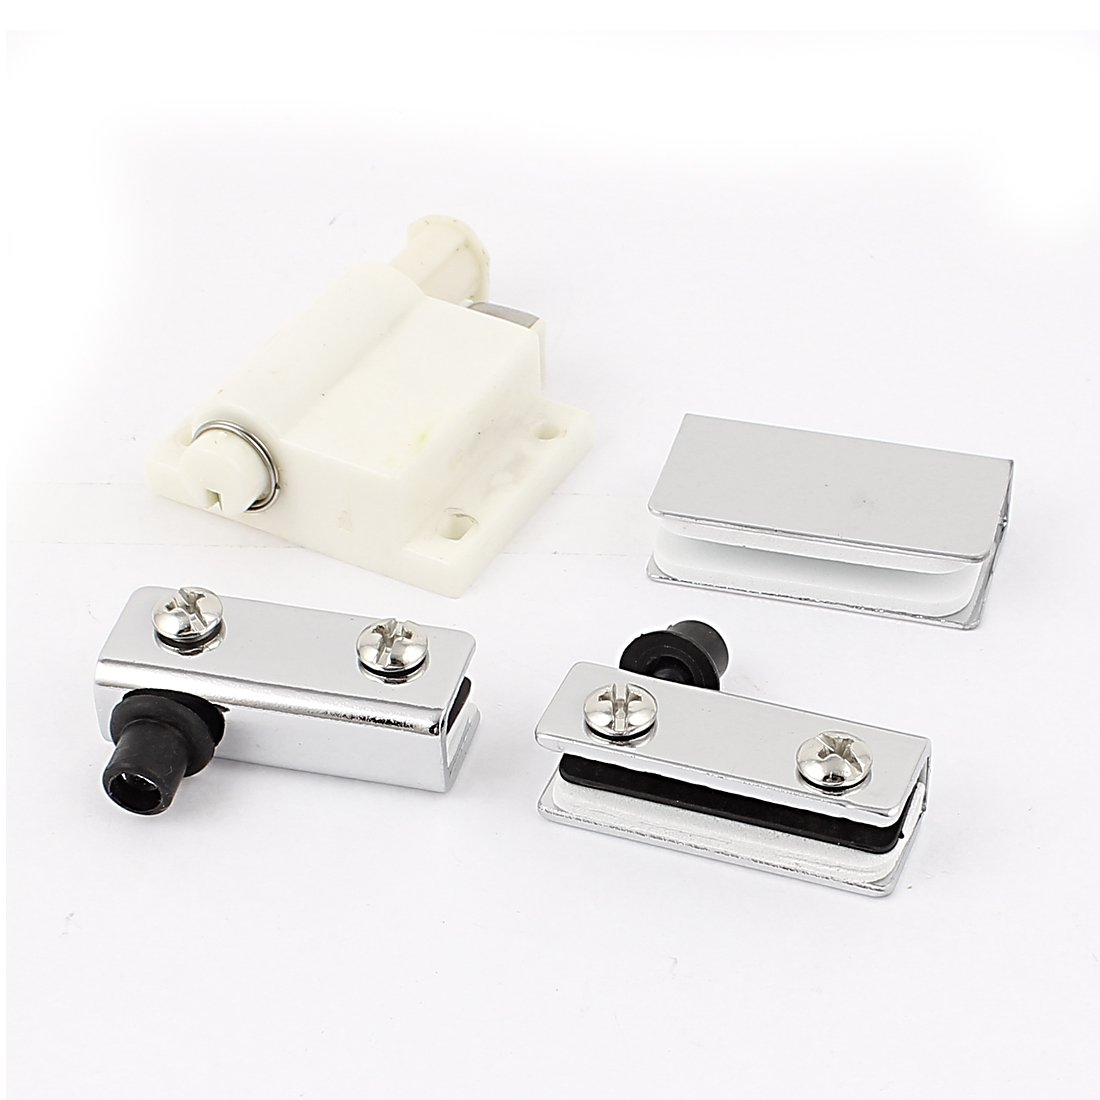 Aexit Ensemble de clips de loqueteaux verrouillables avec porte en verre /à 1 porte blanc cass/é